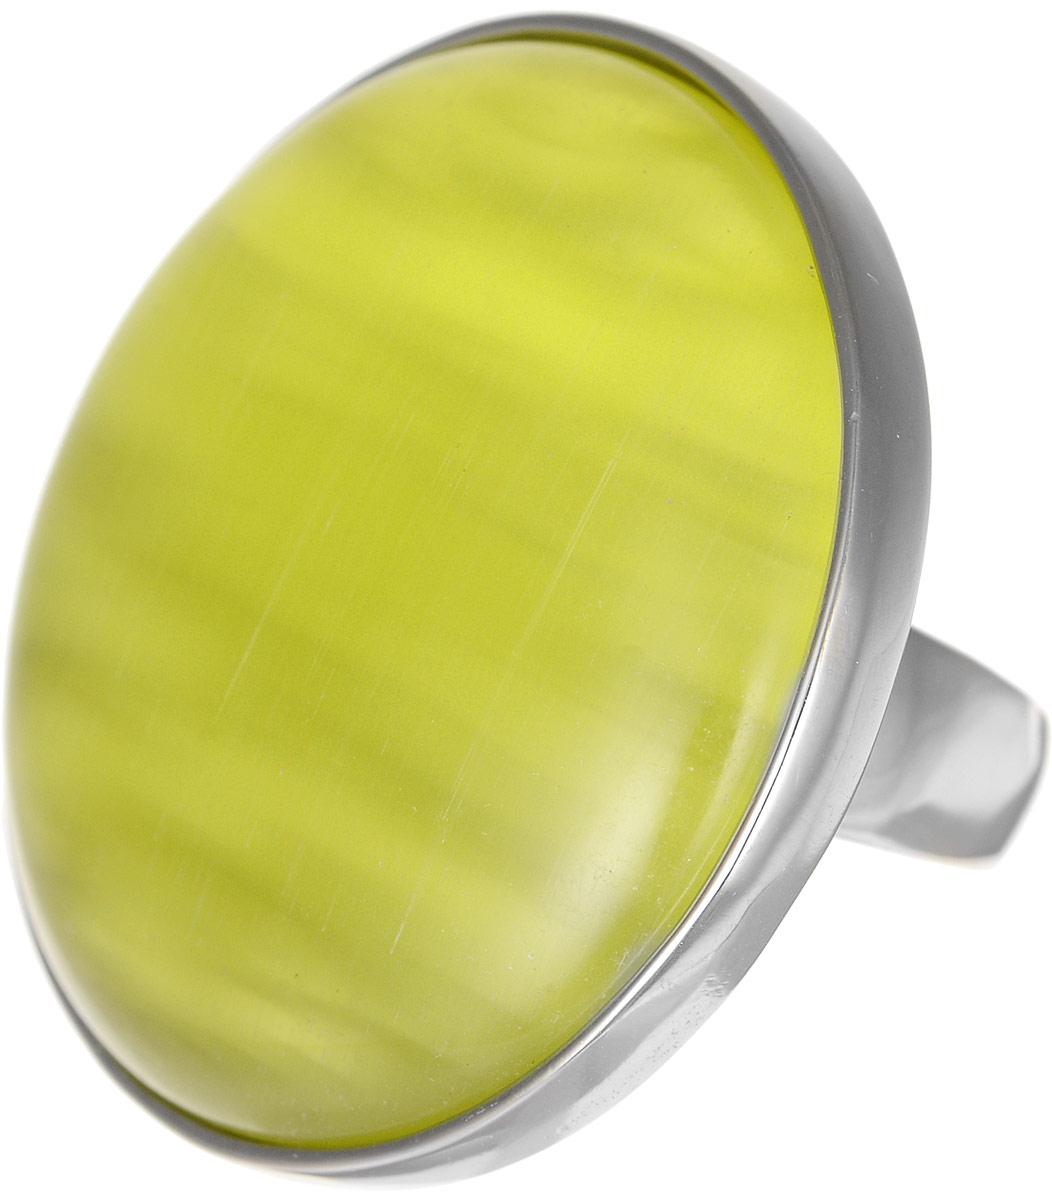 Кольцо Polina Selezneva, цвет: серебристый, желтый. DG-0021. Размер 18DG-0021-08Оригинальное кольцо Polina Selezneva, выполнено из металлического сплава. Декоративная часть оформлена в форме круга. Изделие украшено искусственным камнем. Такое кольцо это блестящее завершение вашего неповторимого и смелого образа и отличный подарок для ценительницы необычных украшений!